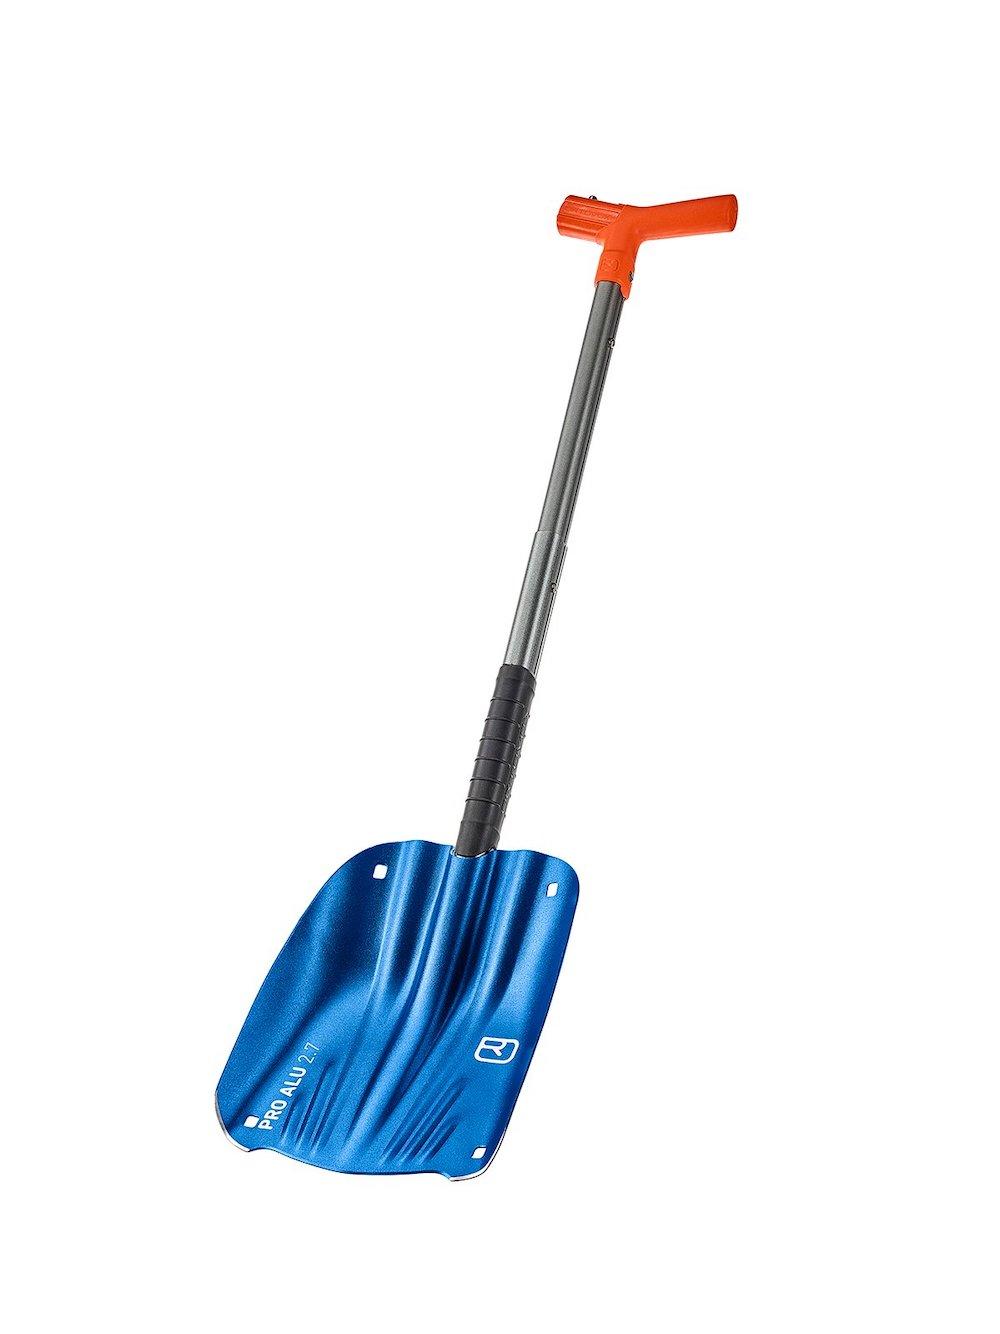 Ortovox - Shovel Pro Alu III, Lawinenschaufel